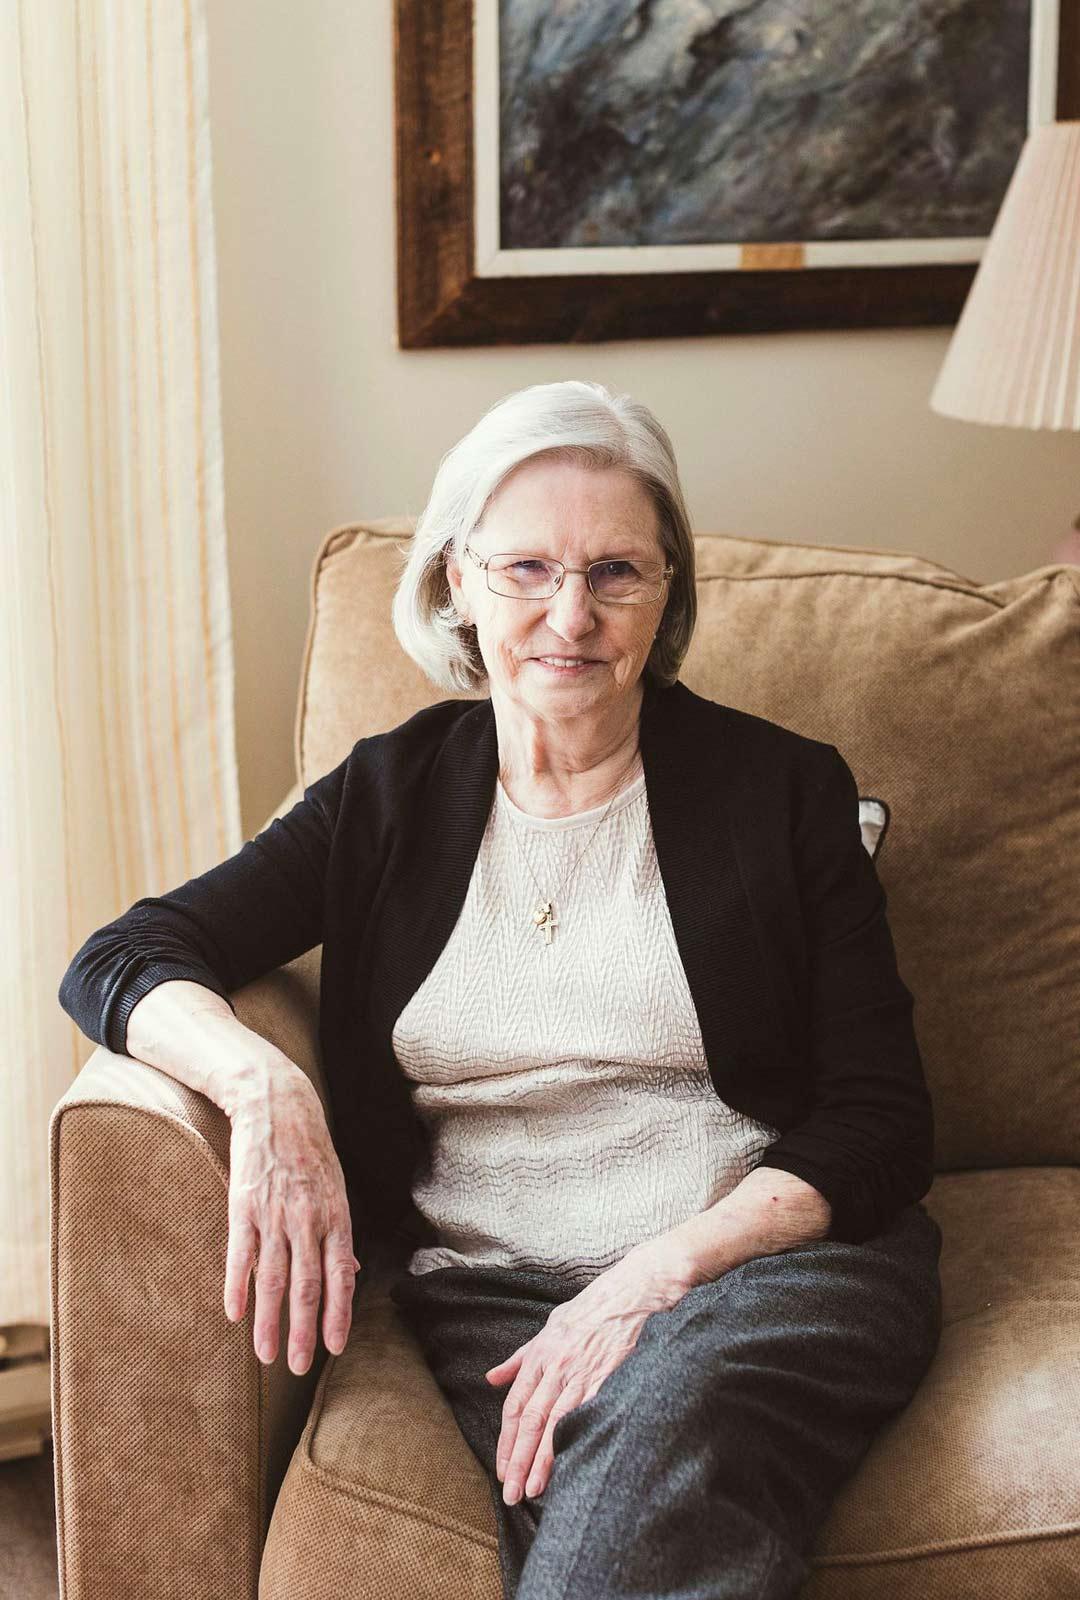 Mirjam Rissanen muutti 9-vuotiaana Varkaudesta Kanadan Ontarioon. Nykään hän asuu Sault Ste. Marien kaupungin seniorikodissa.